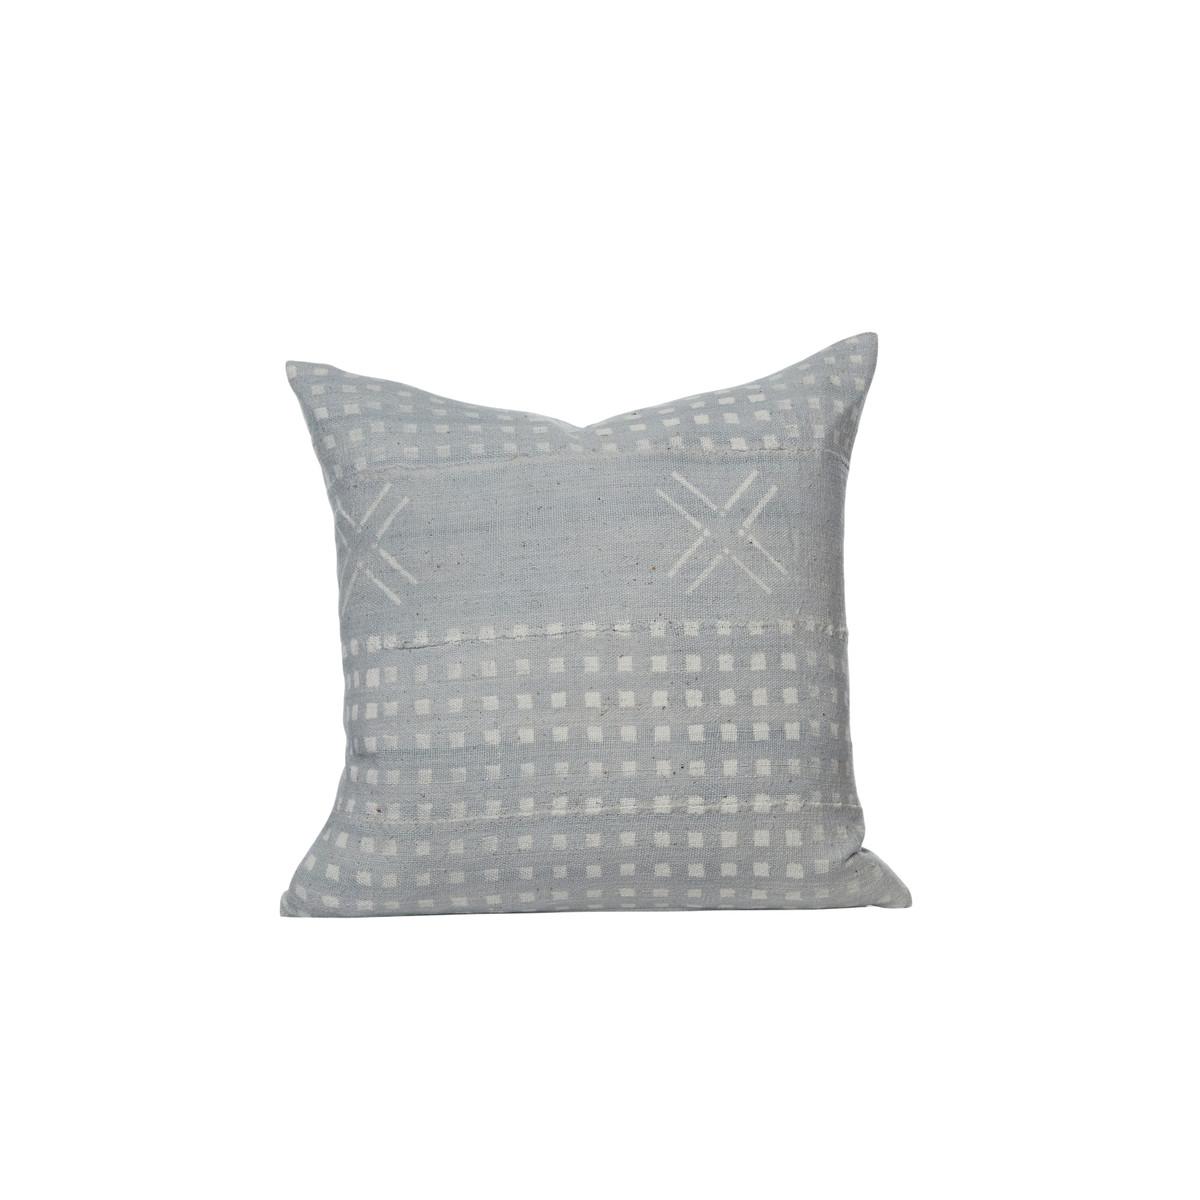 Criss Cross Blue Mud Cloth Pillow  - Front - Cindy Ciskowski Pillow